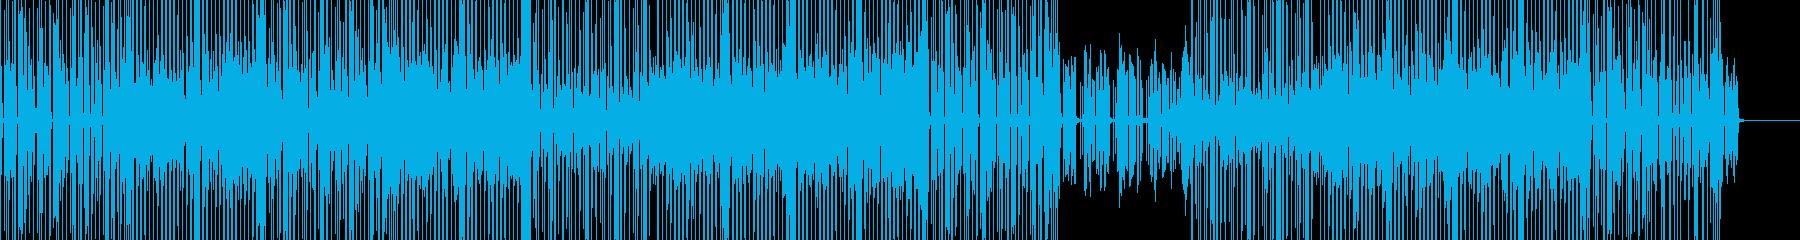 ミディアムテンポのダンサブルサウンドの再生済みの波形